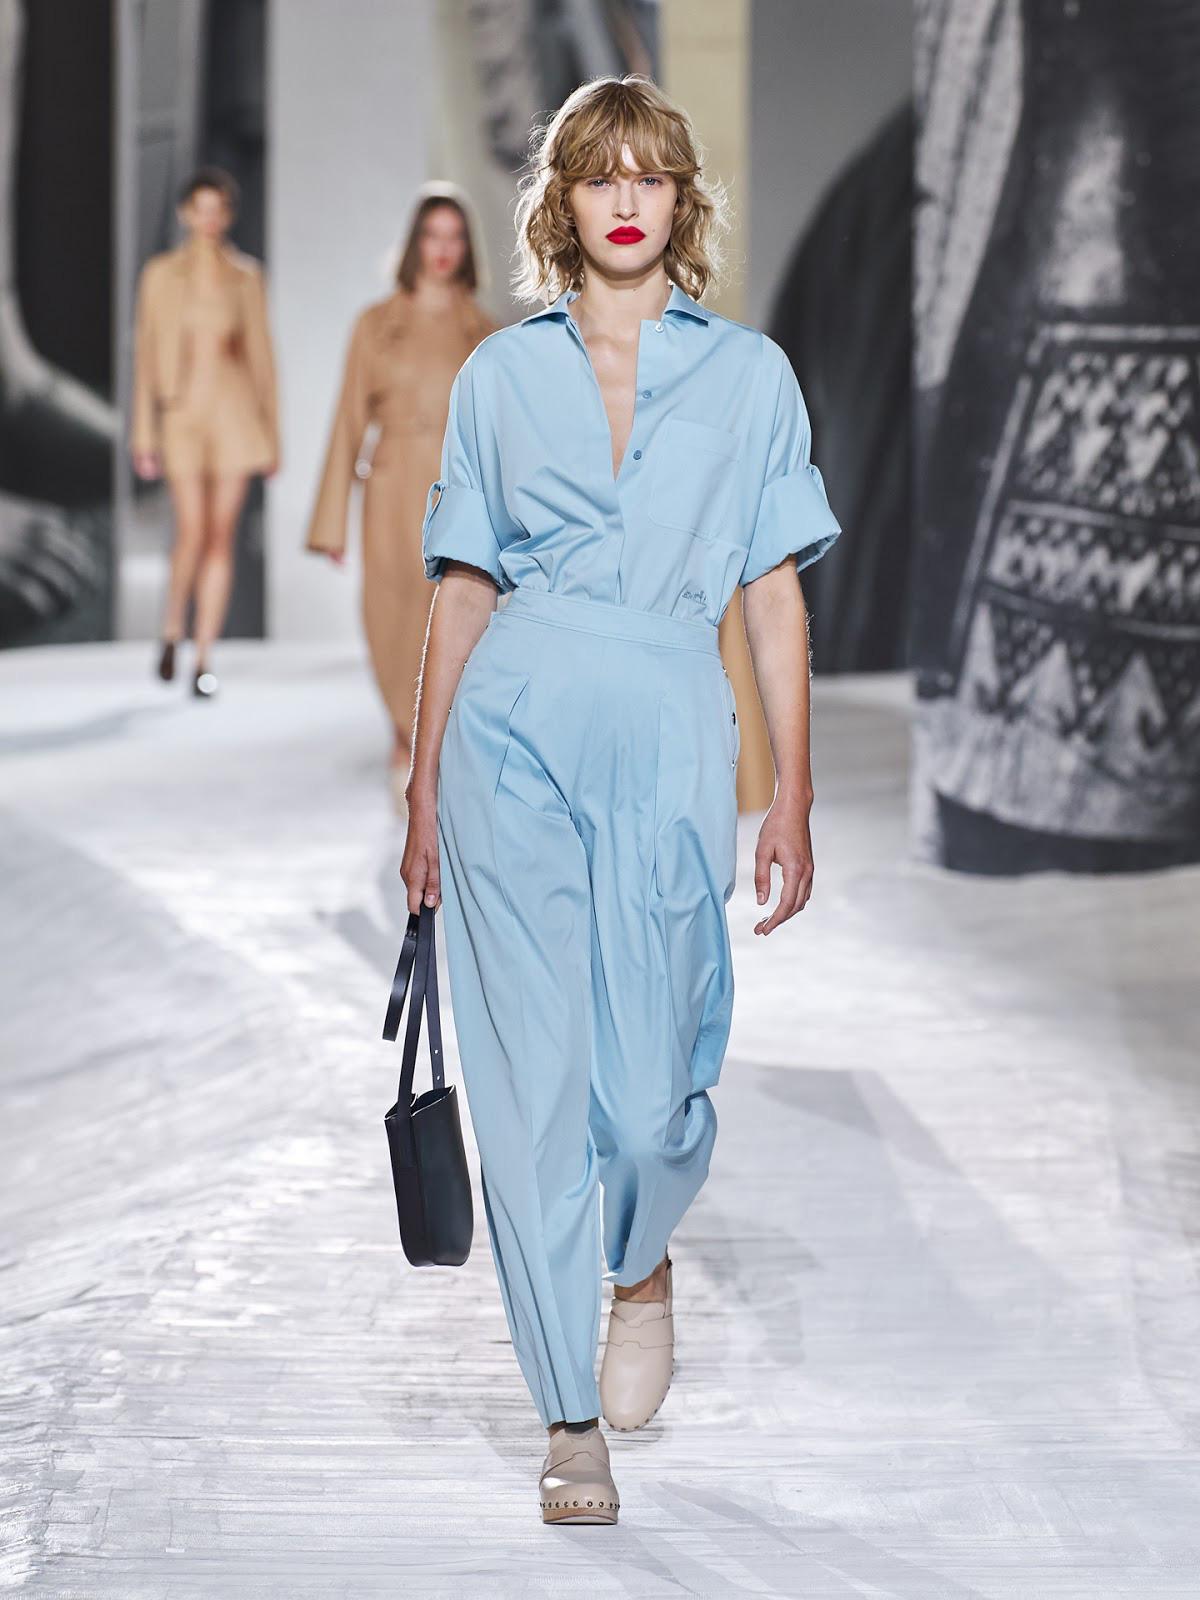 Hermès Xuân - Hè 2021: Bộ sưu tập chắp vá và giấc mơ xa xỉ bình dị của Nadège Vanhee-Cybulski - Ảnh 3.